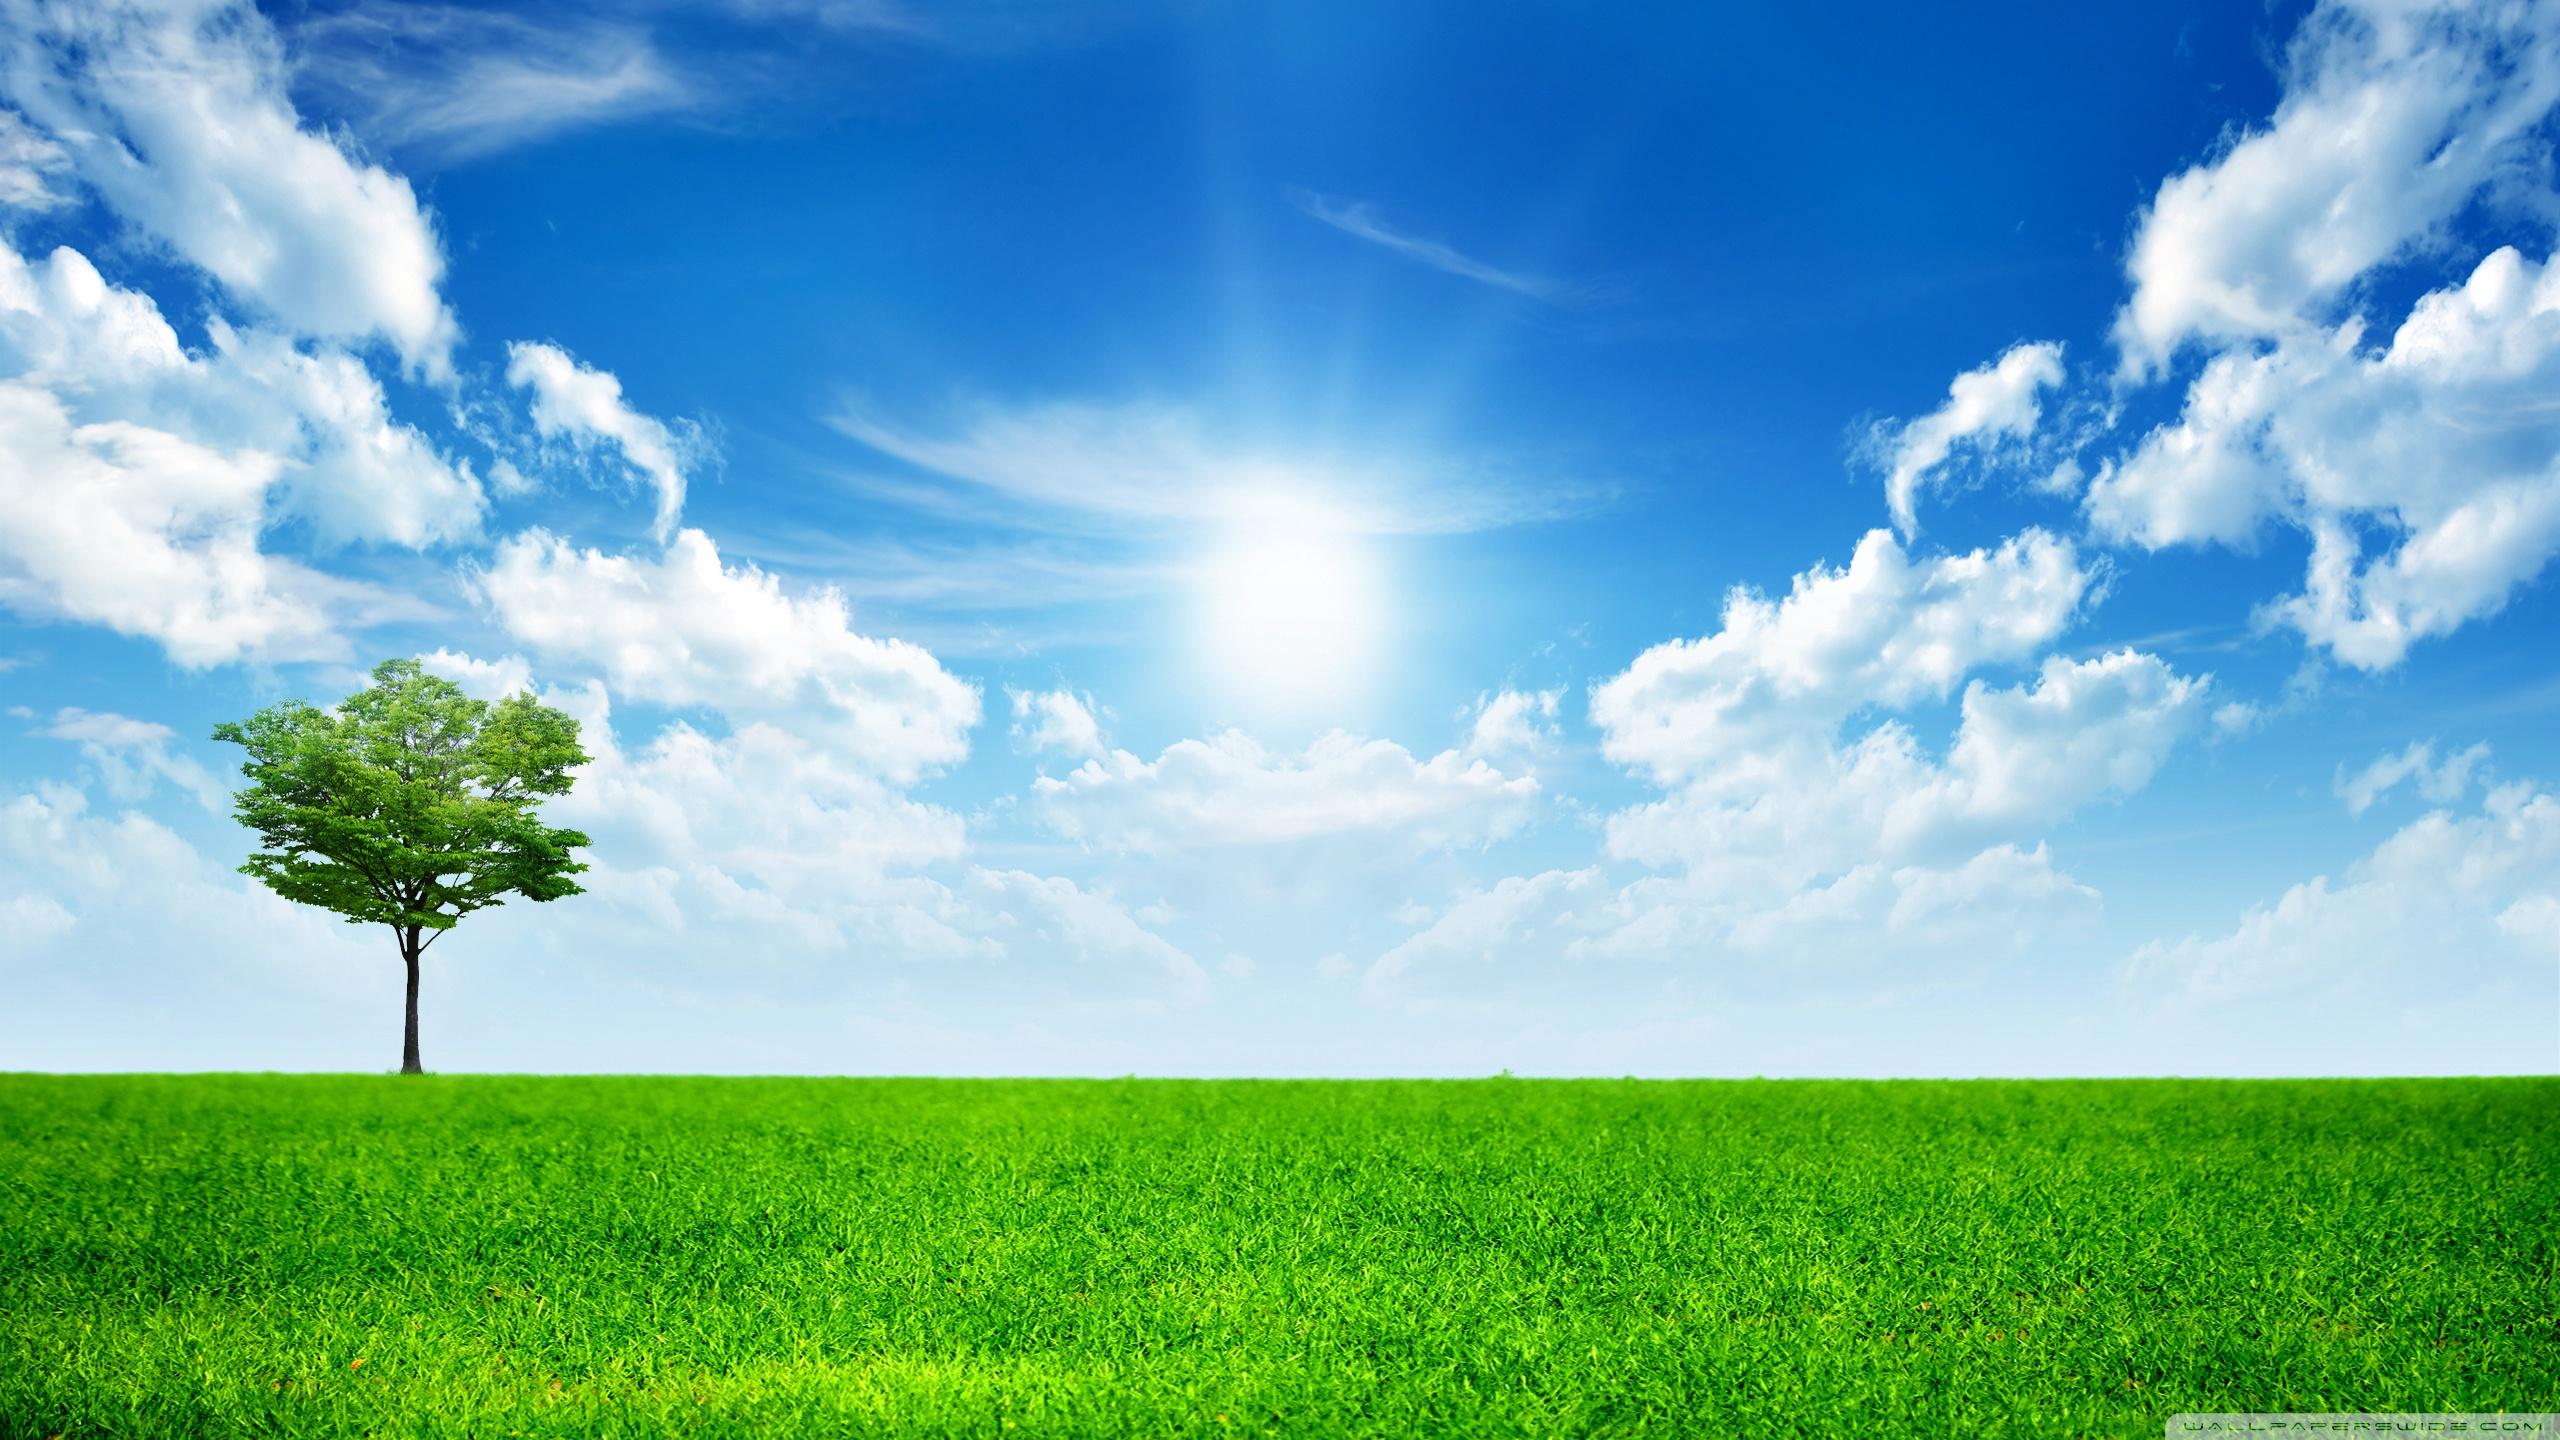 Green Nature HD desktop wallpaper : Mobile : Dual Monitor